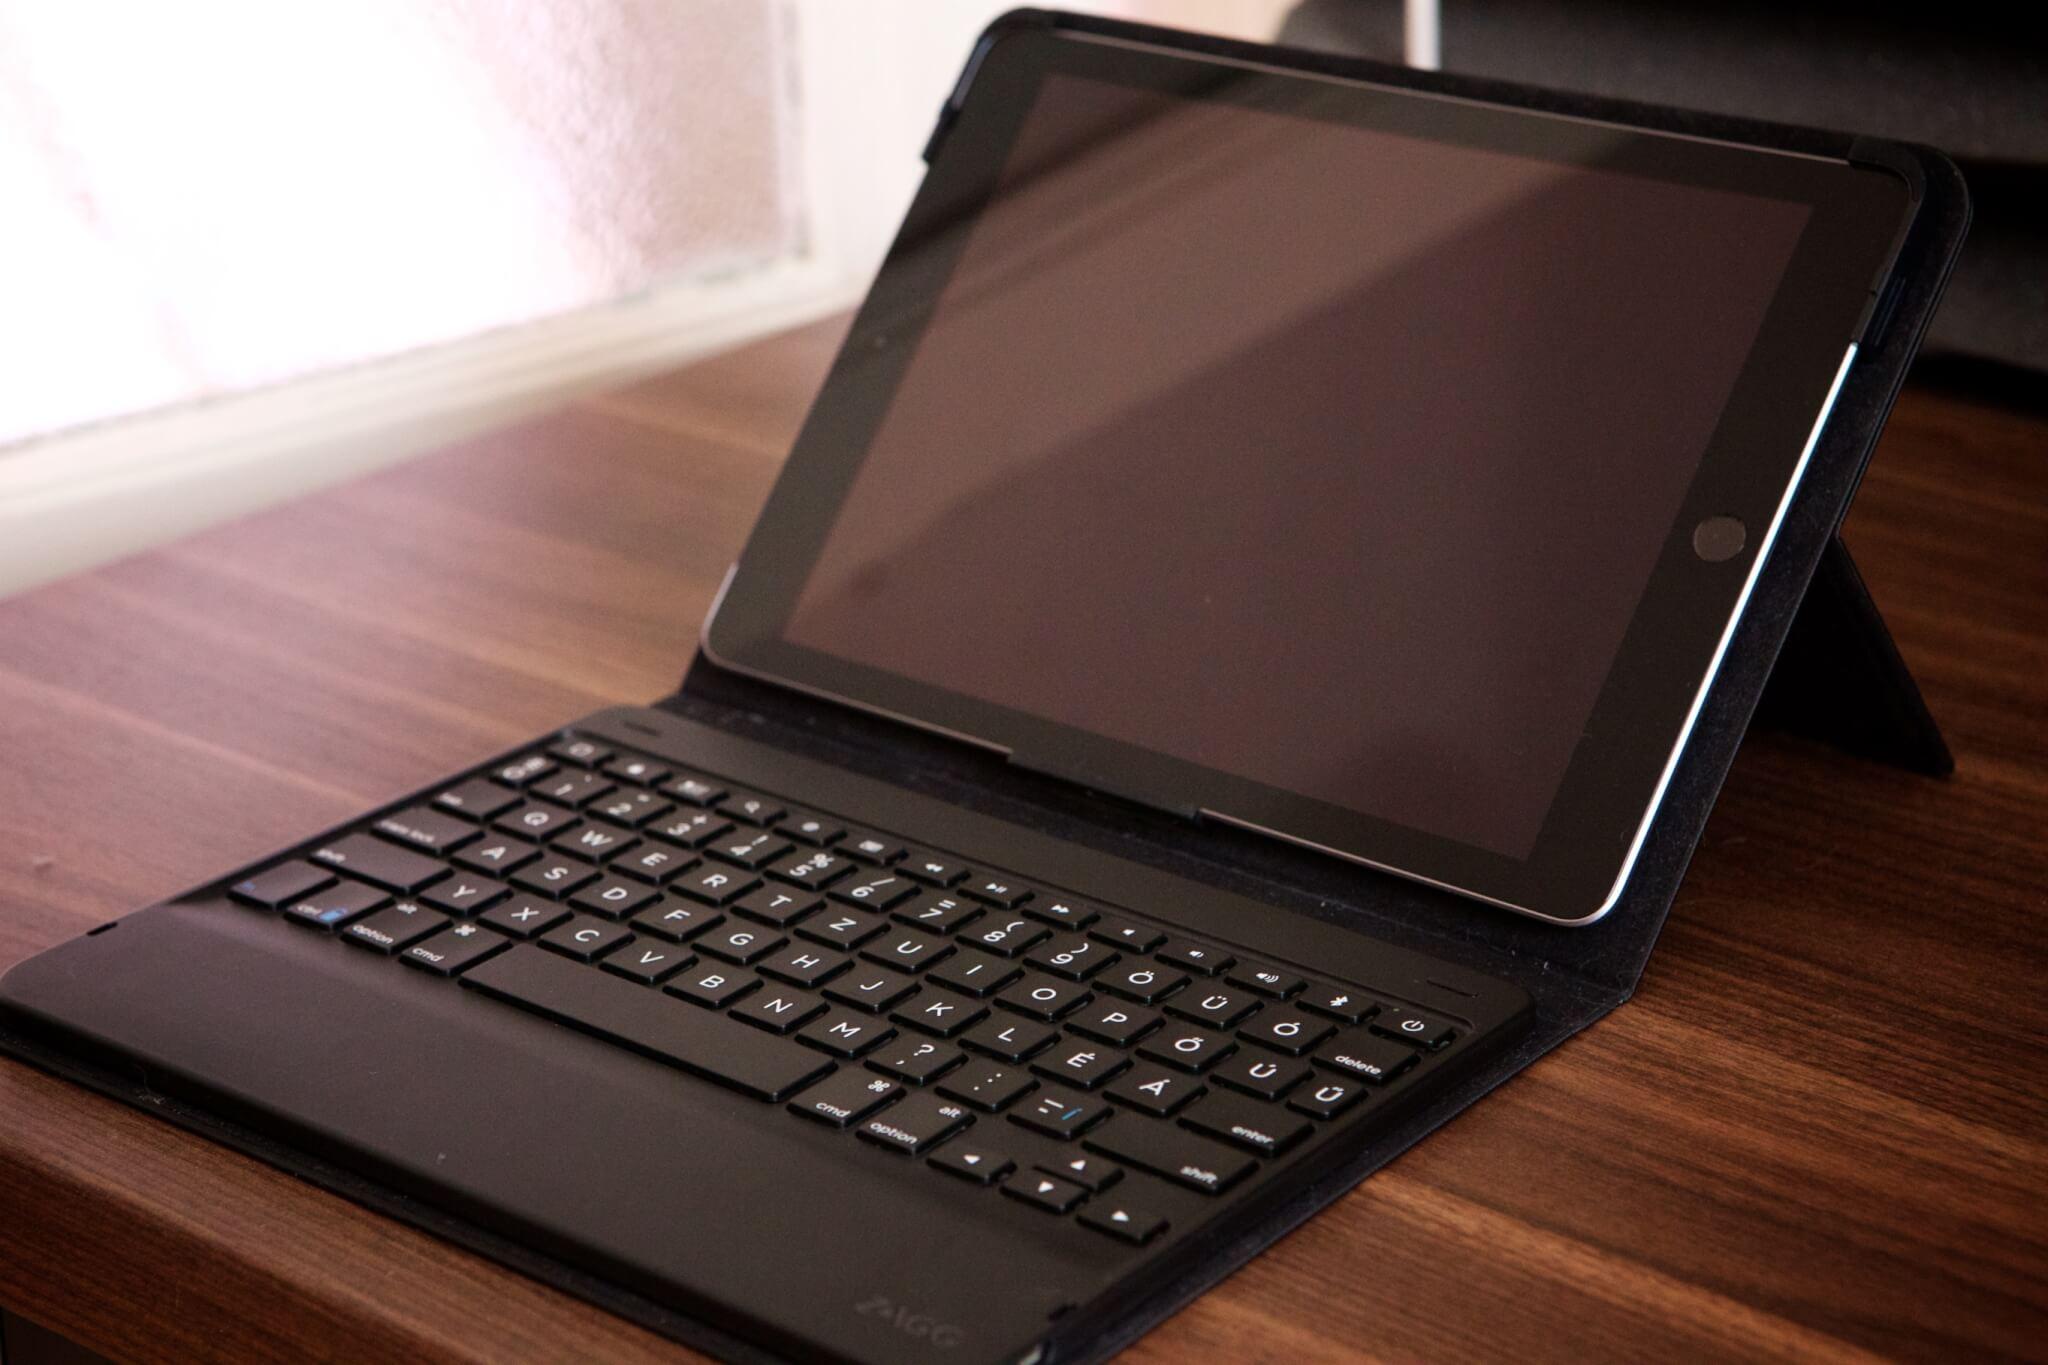 847a097c02ed Billentyűzetes tokot keresel az új, 2018-as iPadhez? Zagg! - Szifon.com